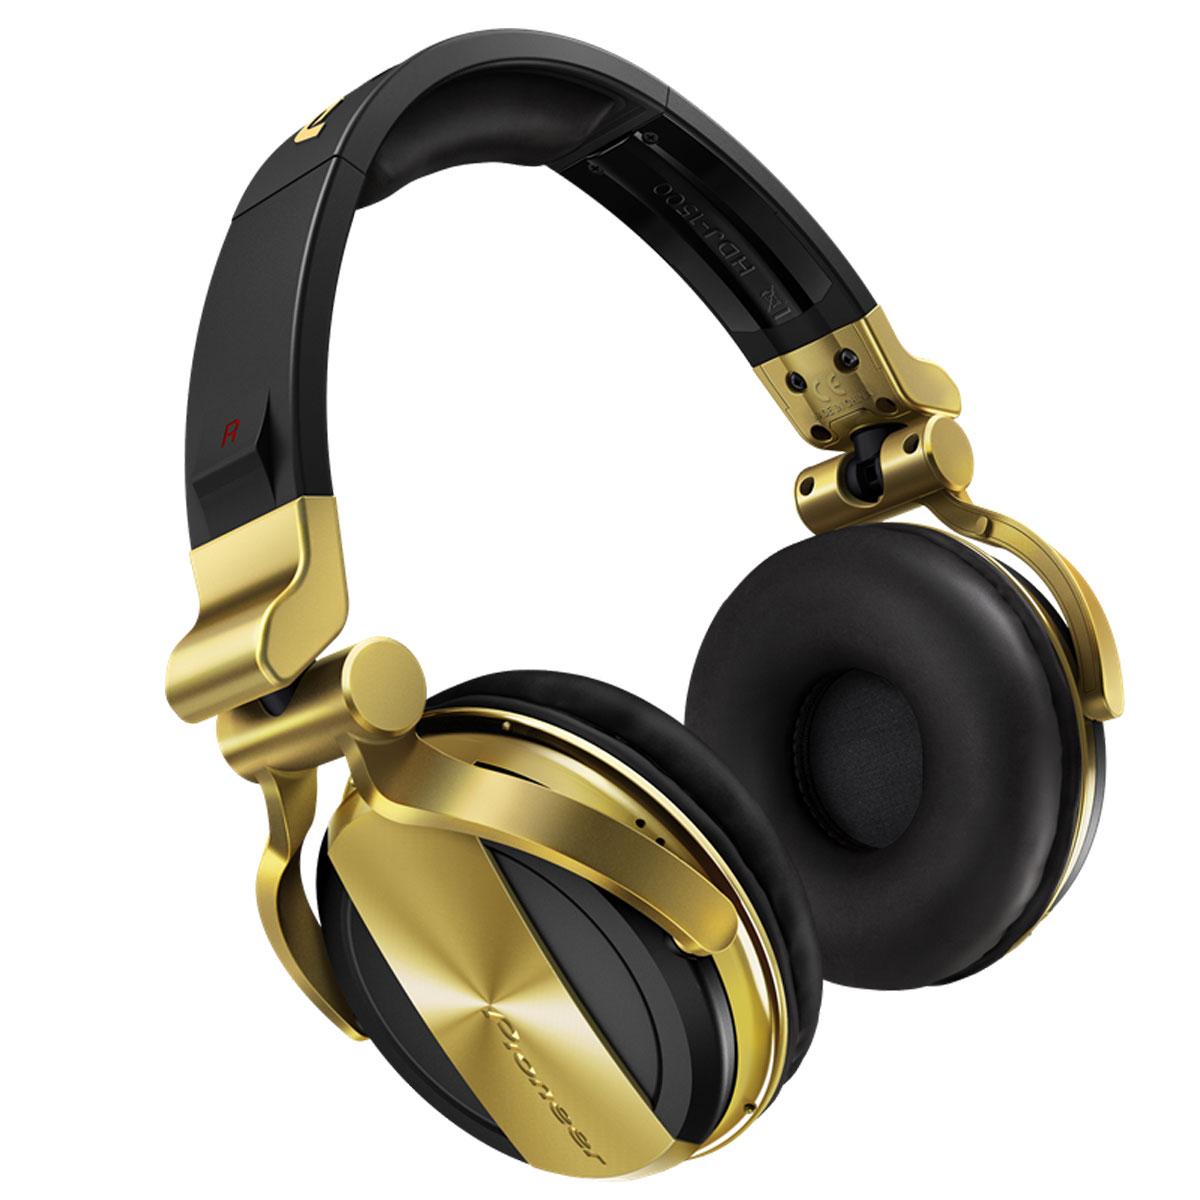 PIONEER HDJ1500-N CUFFIA PROFESSIONALE DINAMICA CHIUSA PER DJ COLORE NERO  ORO 0 c6d190abf351